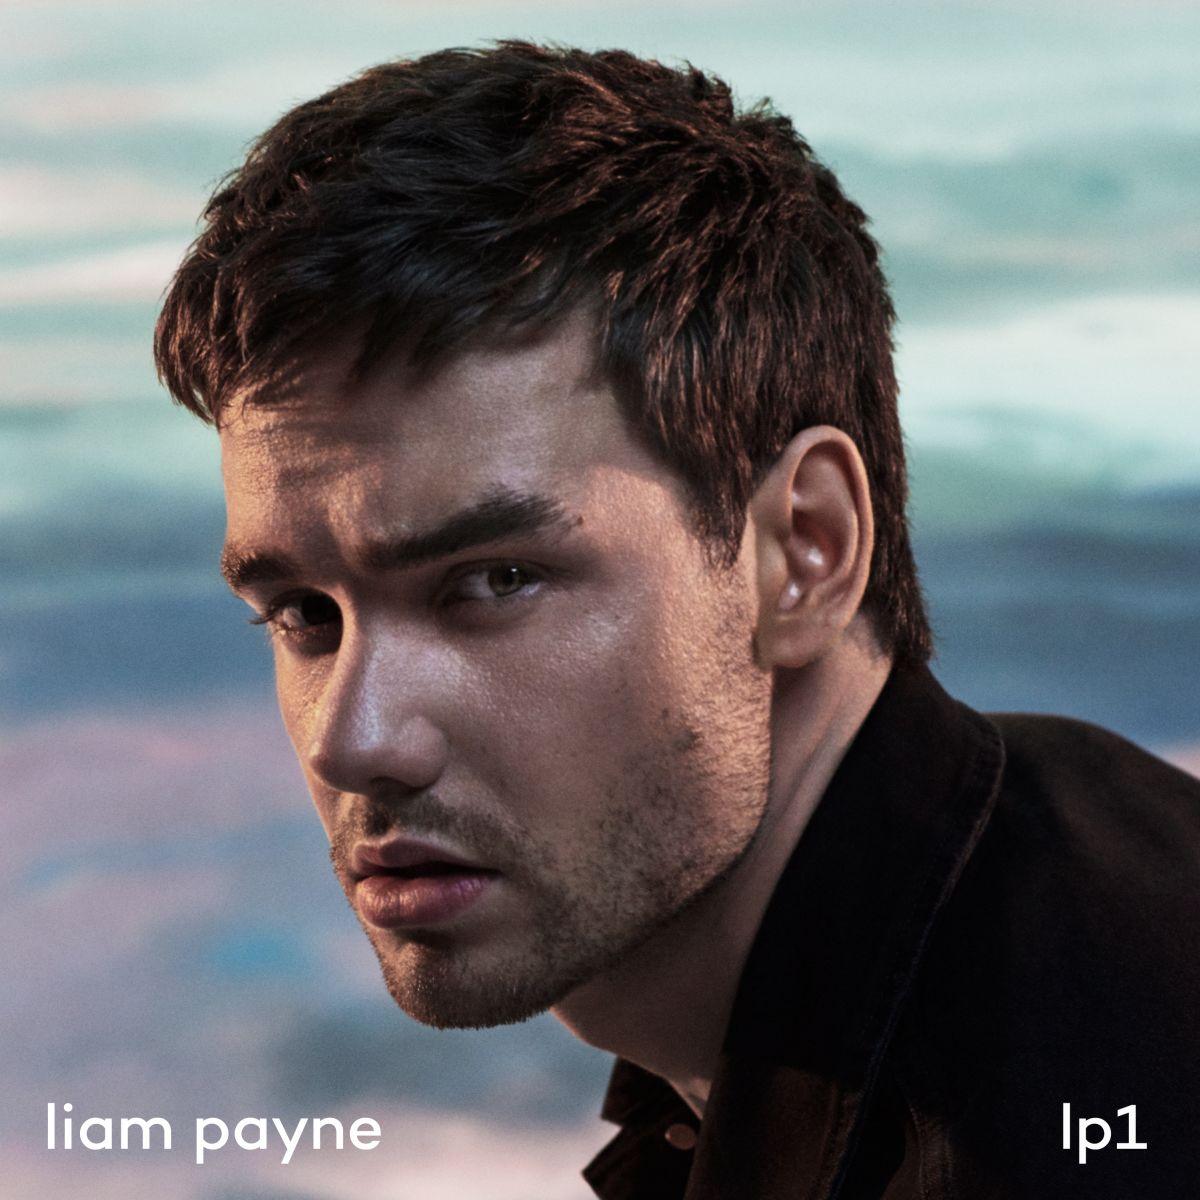 ALBUM_DER_WOCHE_Liam Payne.jpg